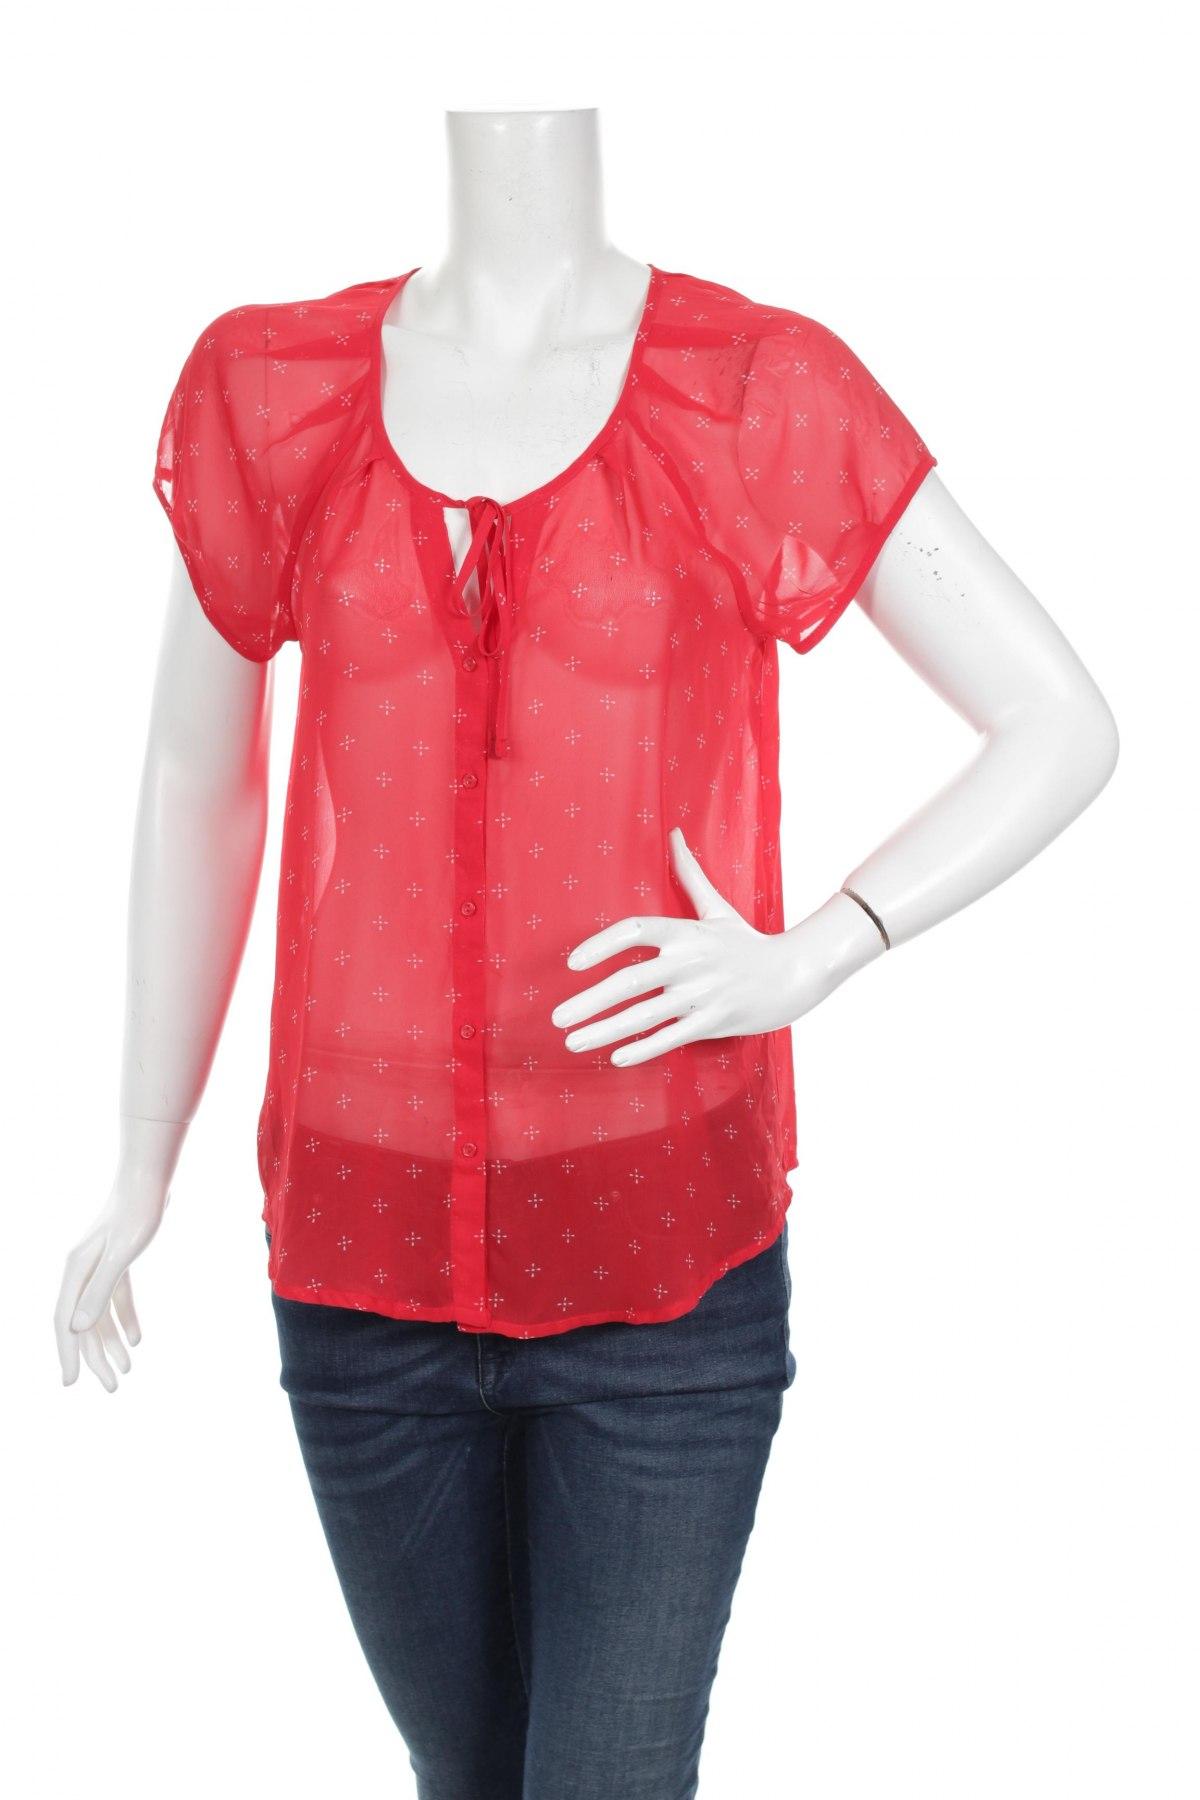 Γυναικείο πουκάμισο Old Navy, Μέγεθος M, Χρώμα Κόκκινο, 100% πολυεστέρας, Τιμή 9,28€